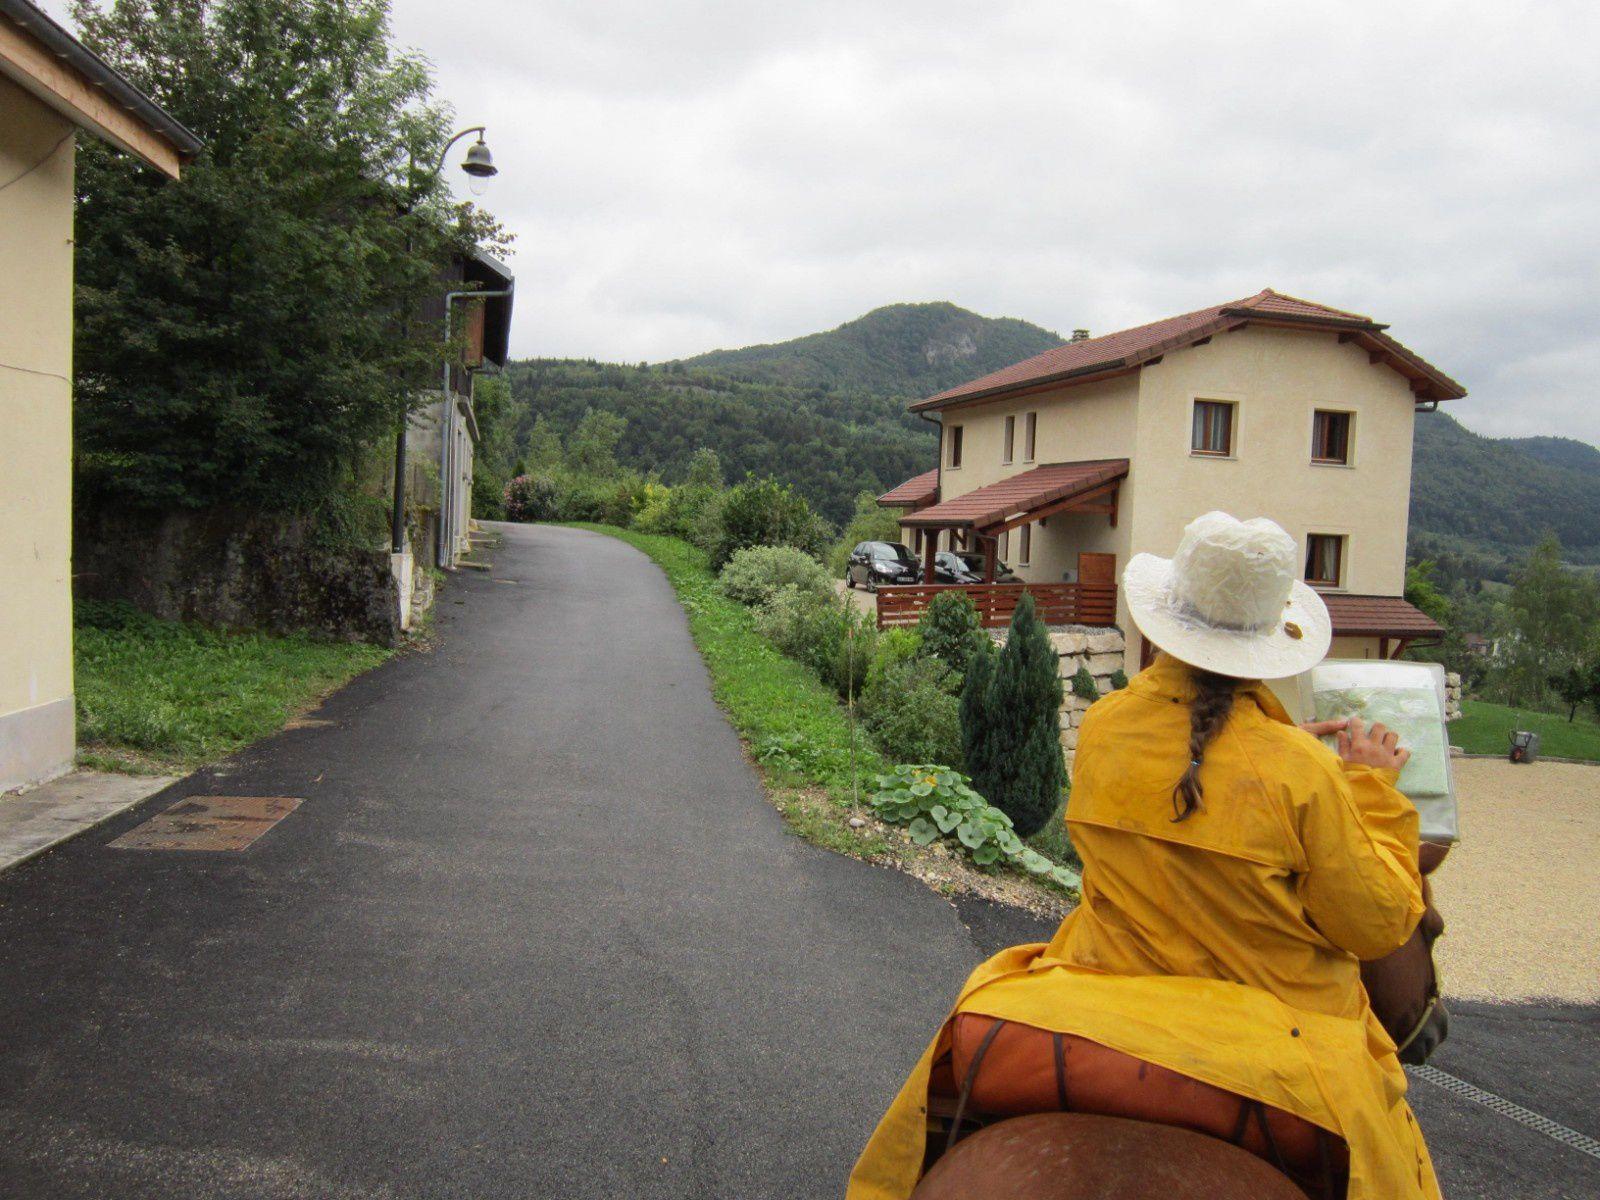 """Etape 2, départ du gîte """"La folie du Clos"""", une matinée plutôt humide, suivie d'une après midi sans vision! Dommage quelques beaux paysages ratés..."""